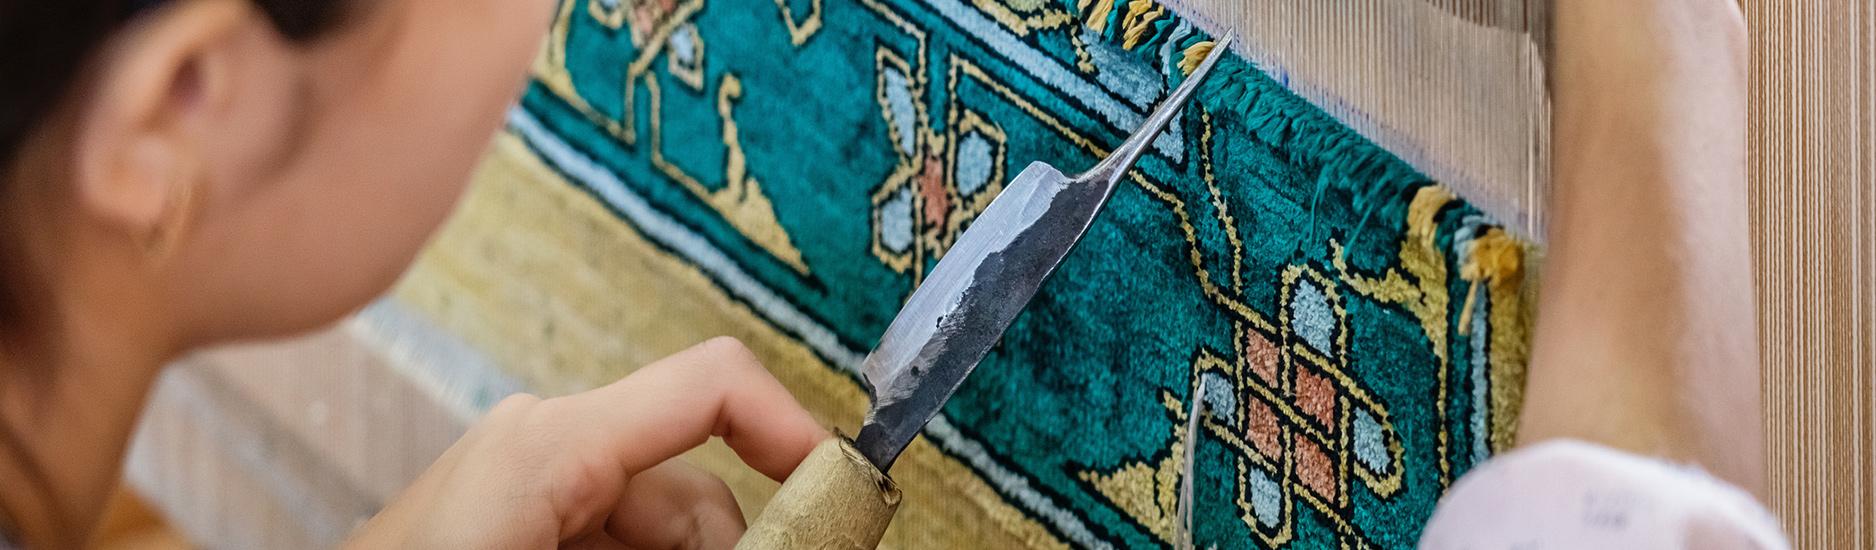 Textiles, Arts of Uzbekistan